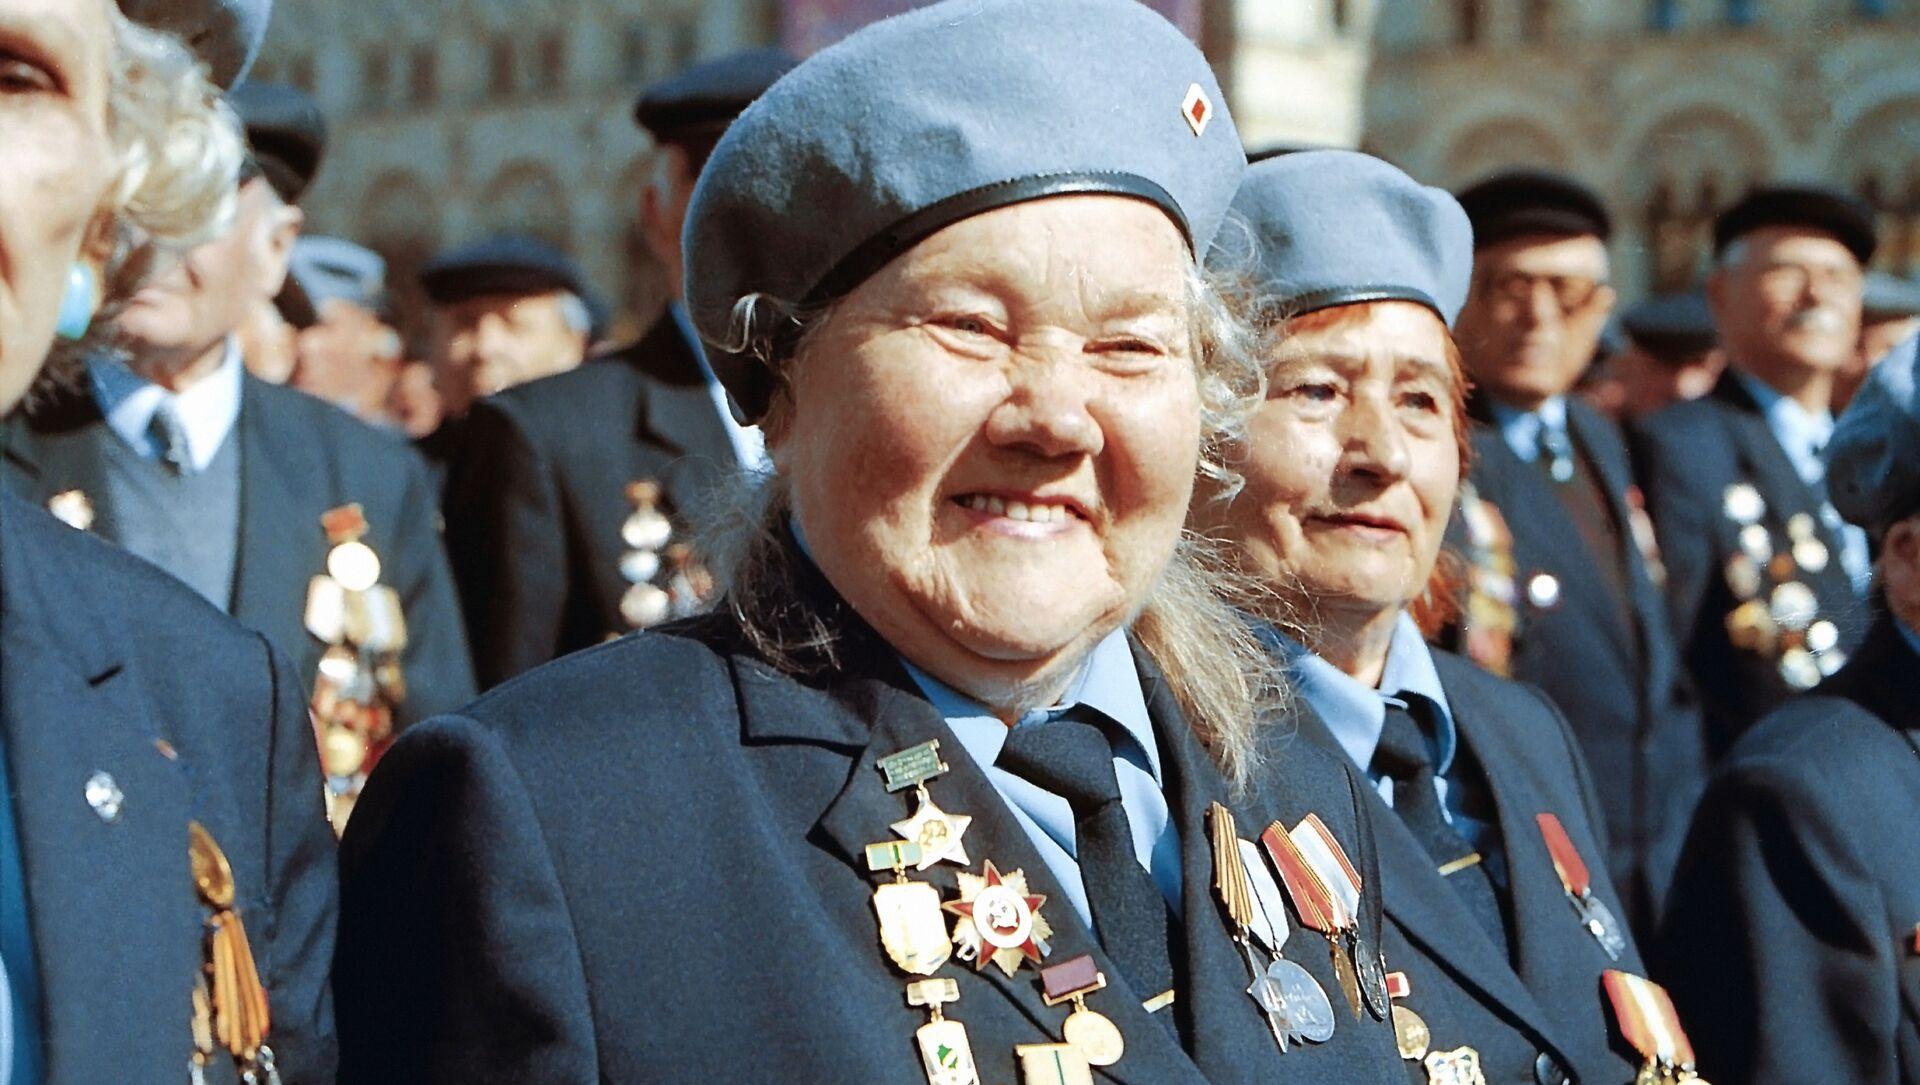 Veteráni Velké vlastenecké války během přehlídky na Rudém náměstí v Moskvě - Sputnik Česká republika, 1920, 05.04.2021